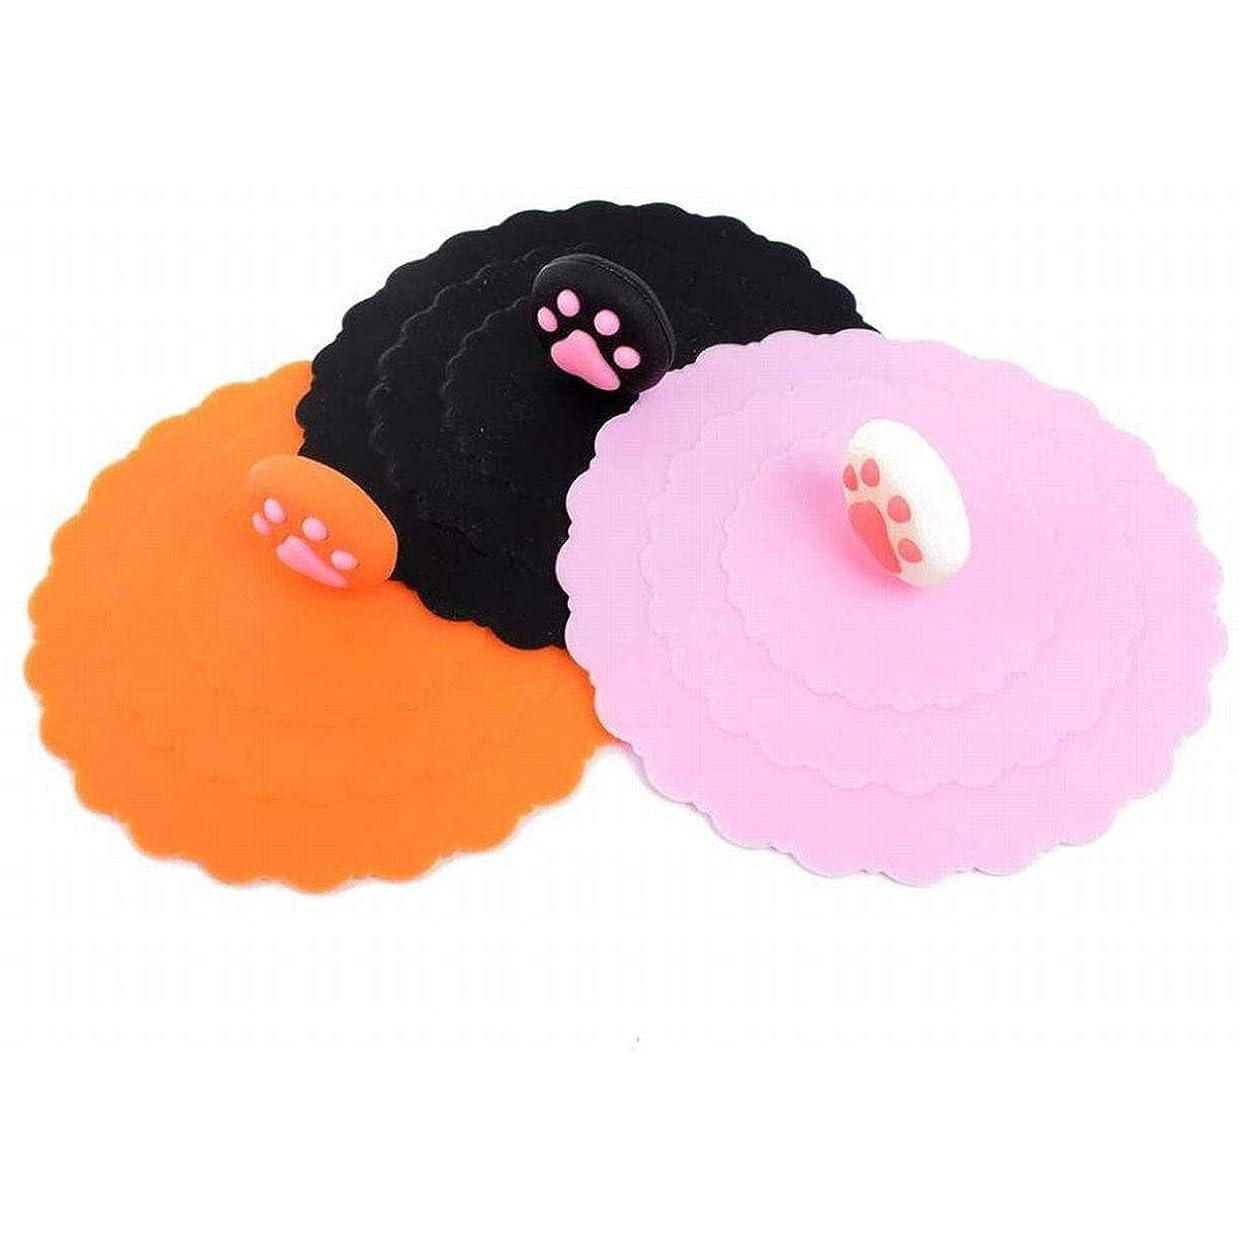 プラグからサイト3個 セットブラック ピンク オレンジキッチン コップ カップ シリコン 蓋 トかわいい アニマル 肉球 マグカップ カバー